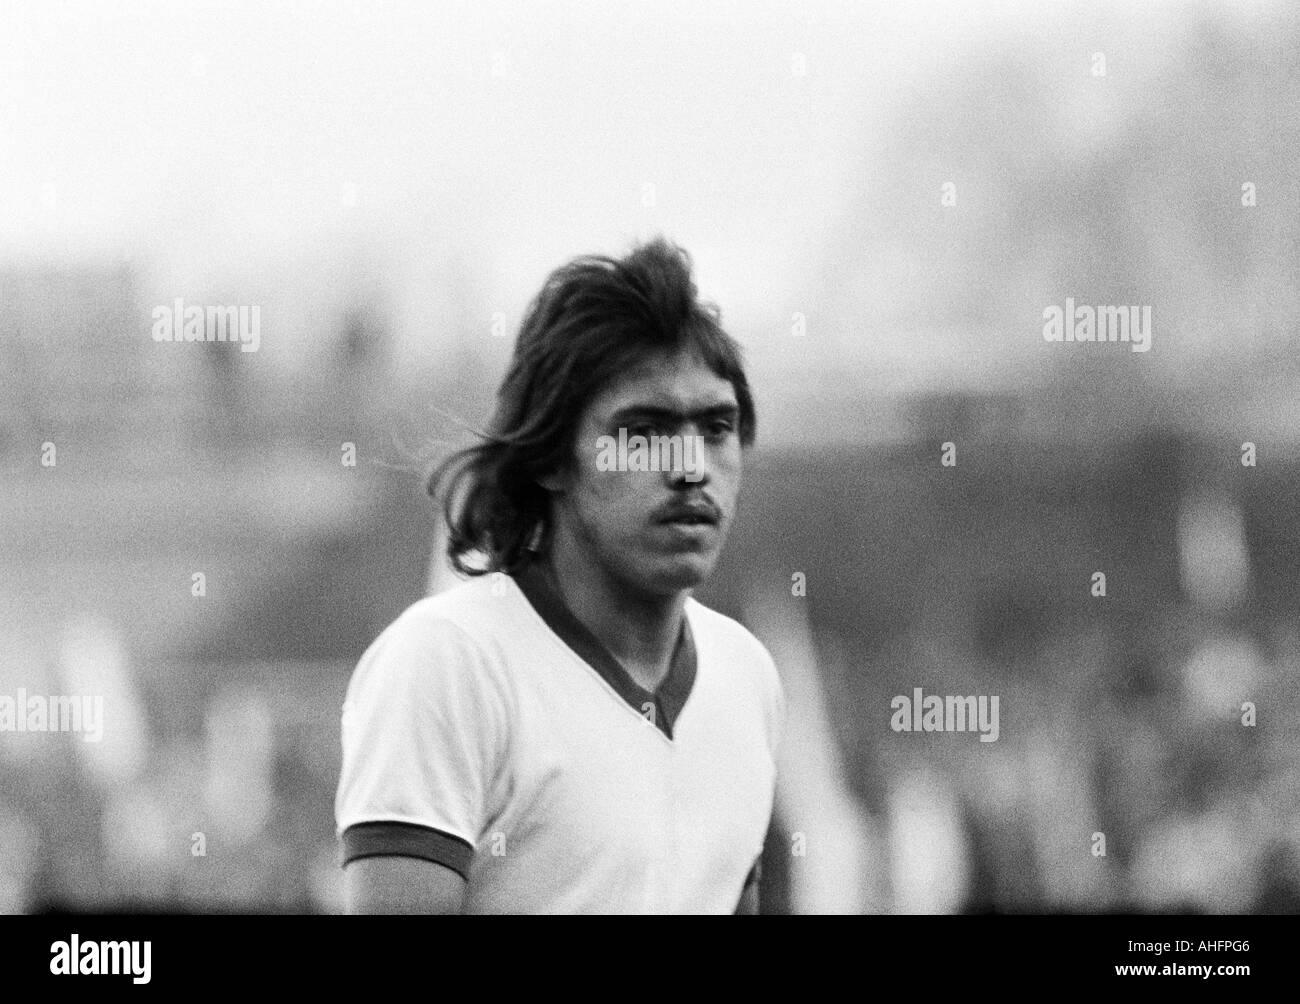 football, Bundesliga, 1972/1973, FC Schalke 04 versus Rot-Weiss Oberhausen 3:0, Glueckaufkampfbahn Stadium in Gelsenkirchen, football player, Manfred Dubski (S04) - Stock Image